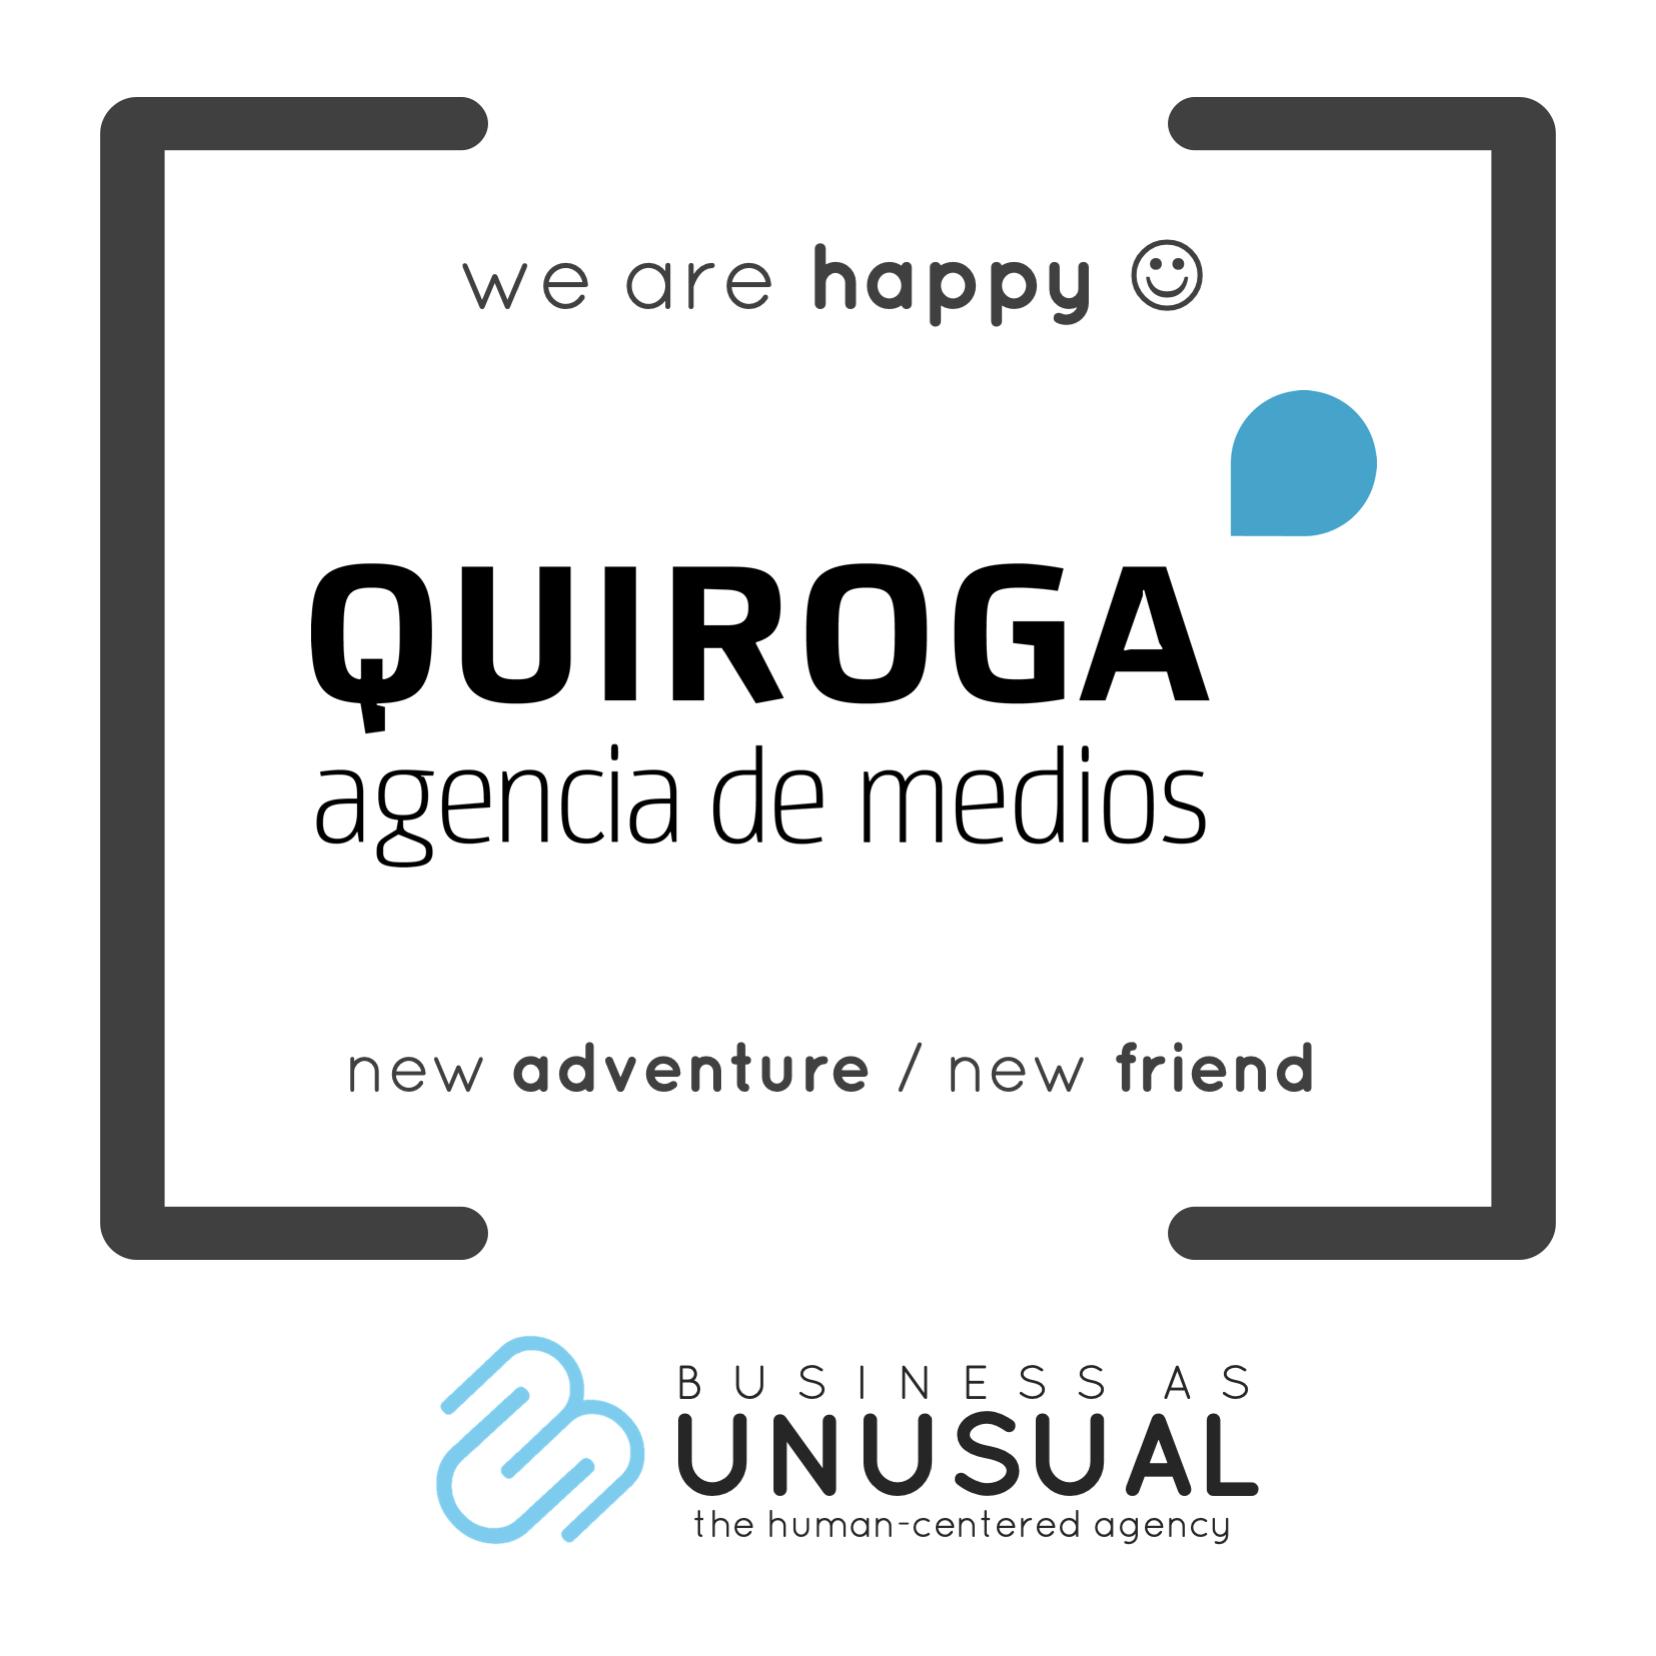 Quiroga Agencia de Medios México